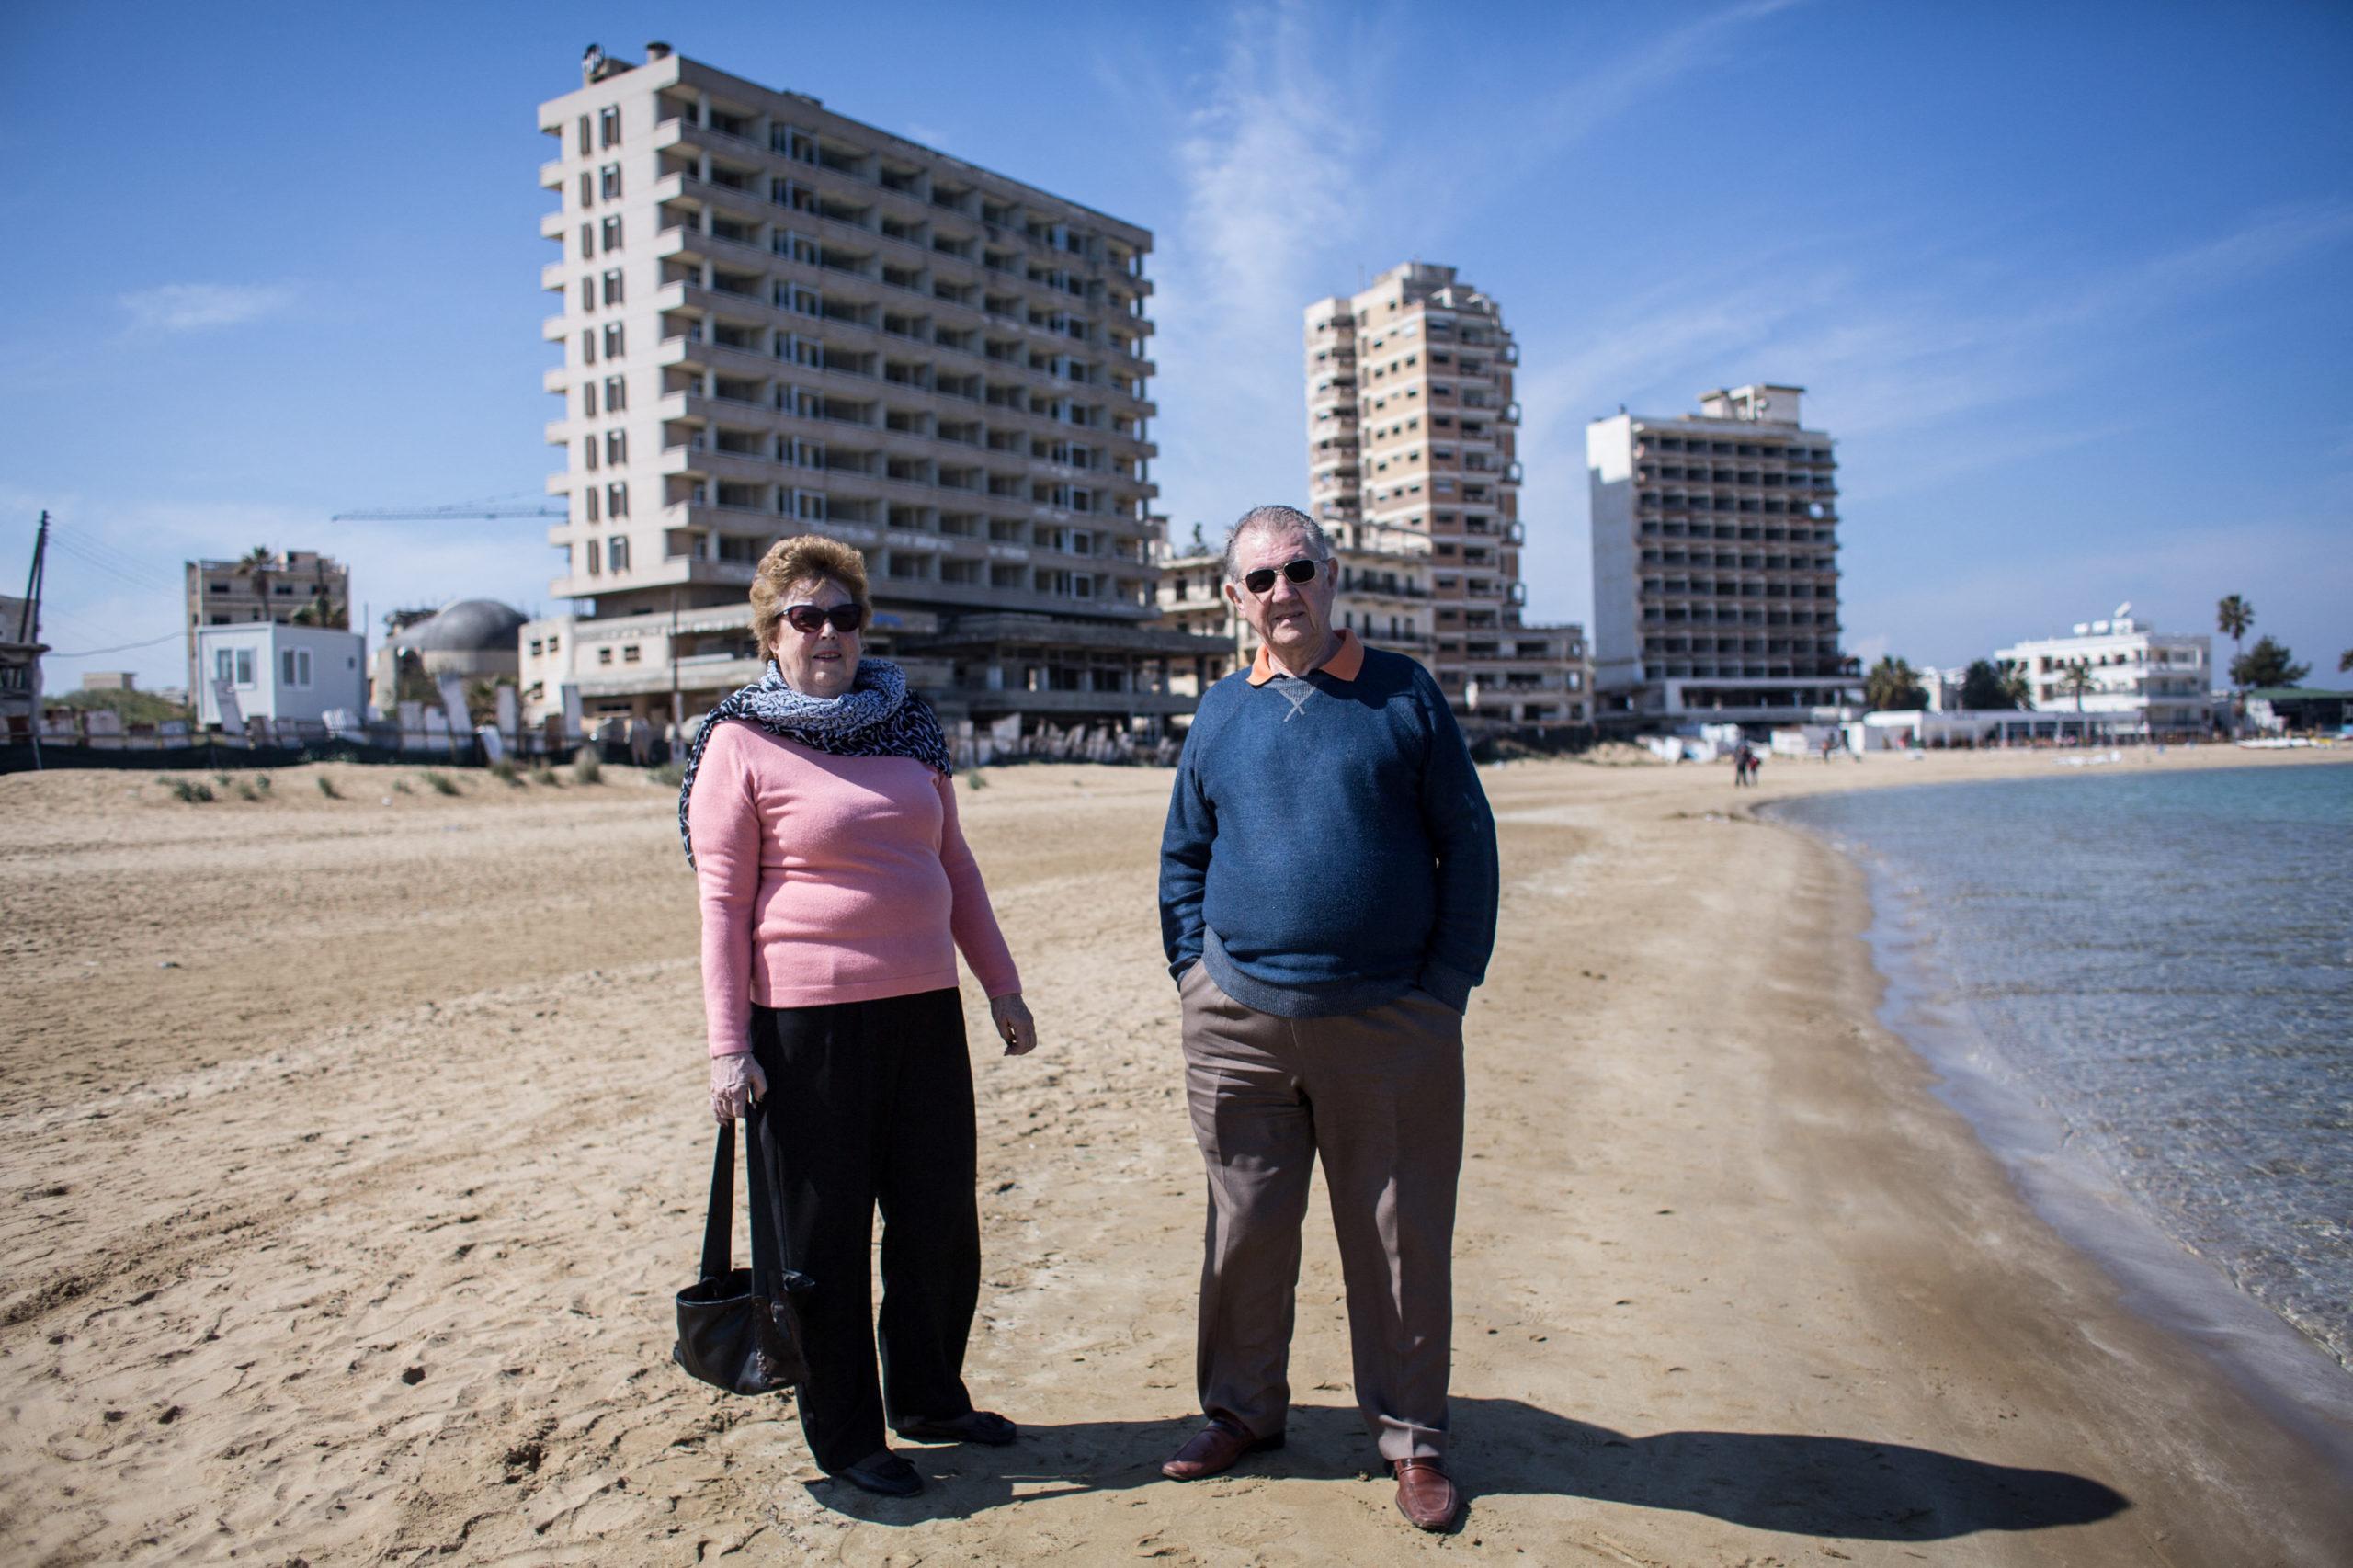 Vor 1974 war Varosha das Zentrum des zyprischen Tourismus. Viele Stars wie Elisabeth Taylor oder Richard Burton machten dort Urlaub. Die Geschäftsstraßen waren sehr belebt und die Stadt hatte 39.0000 Einwohner.